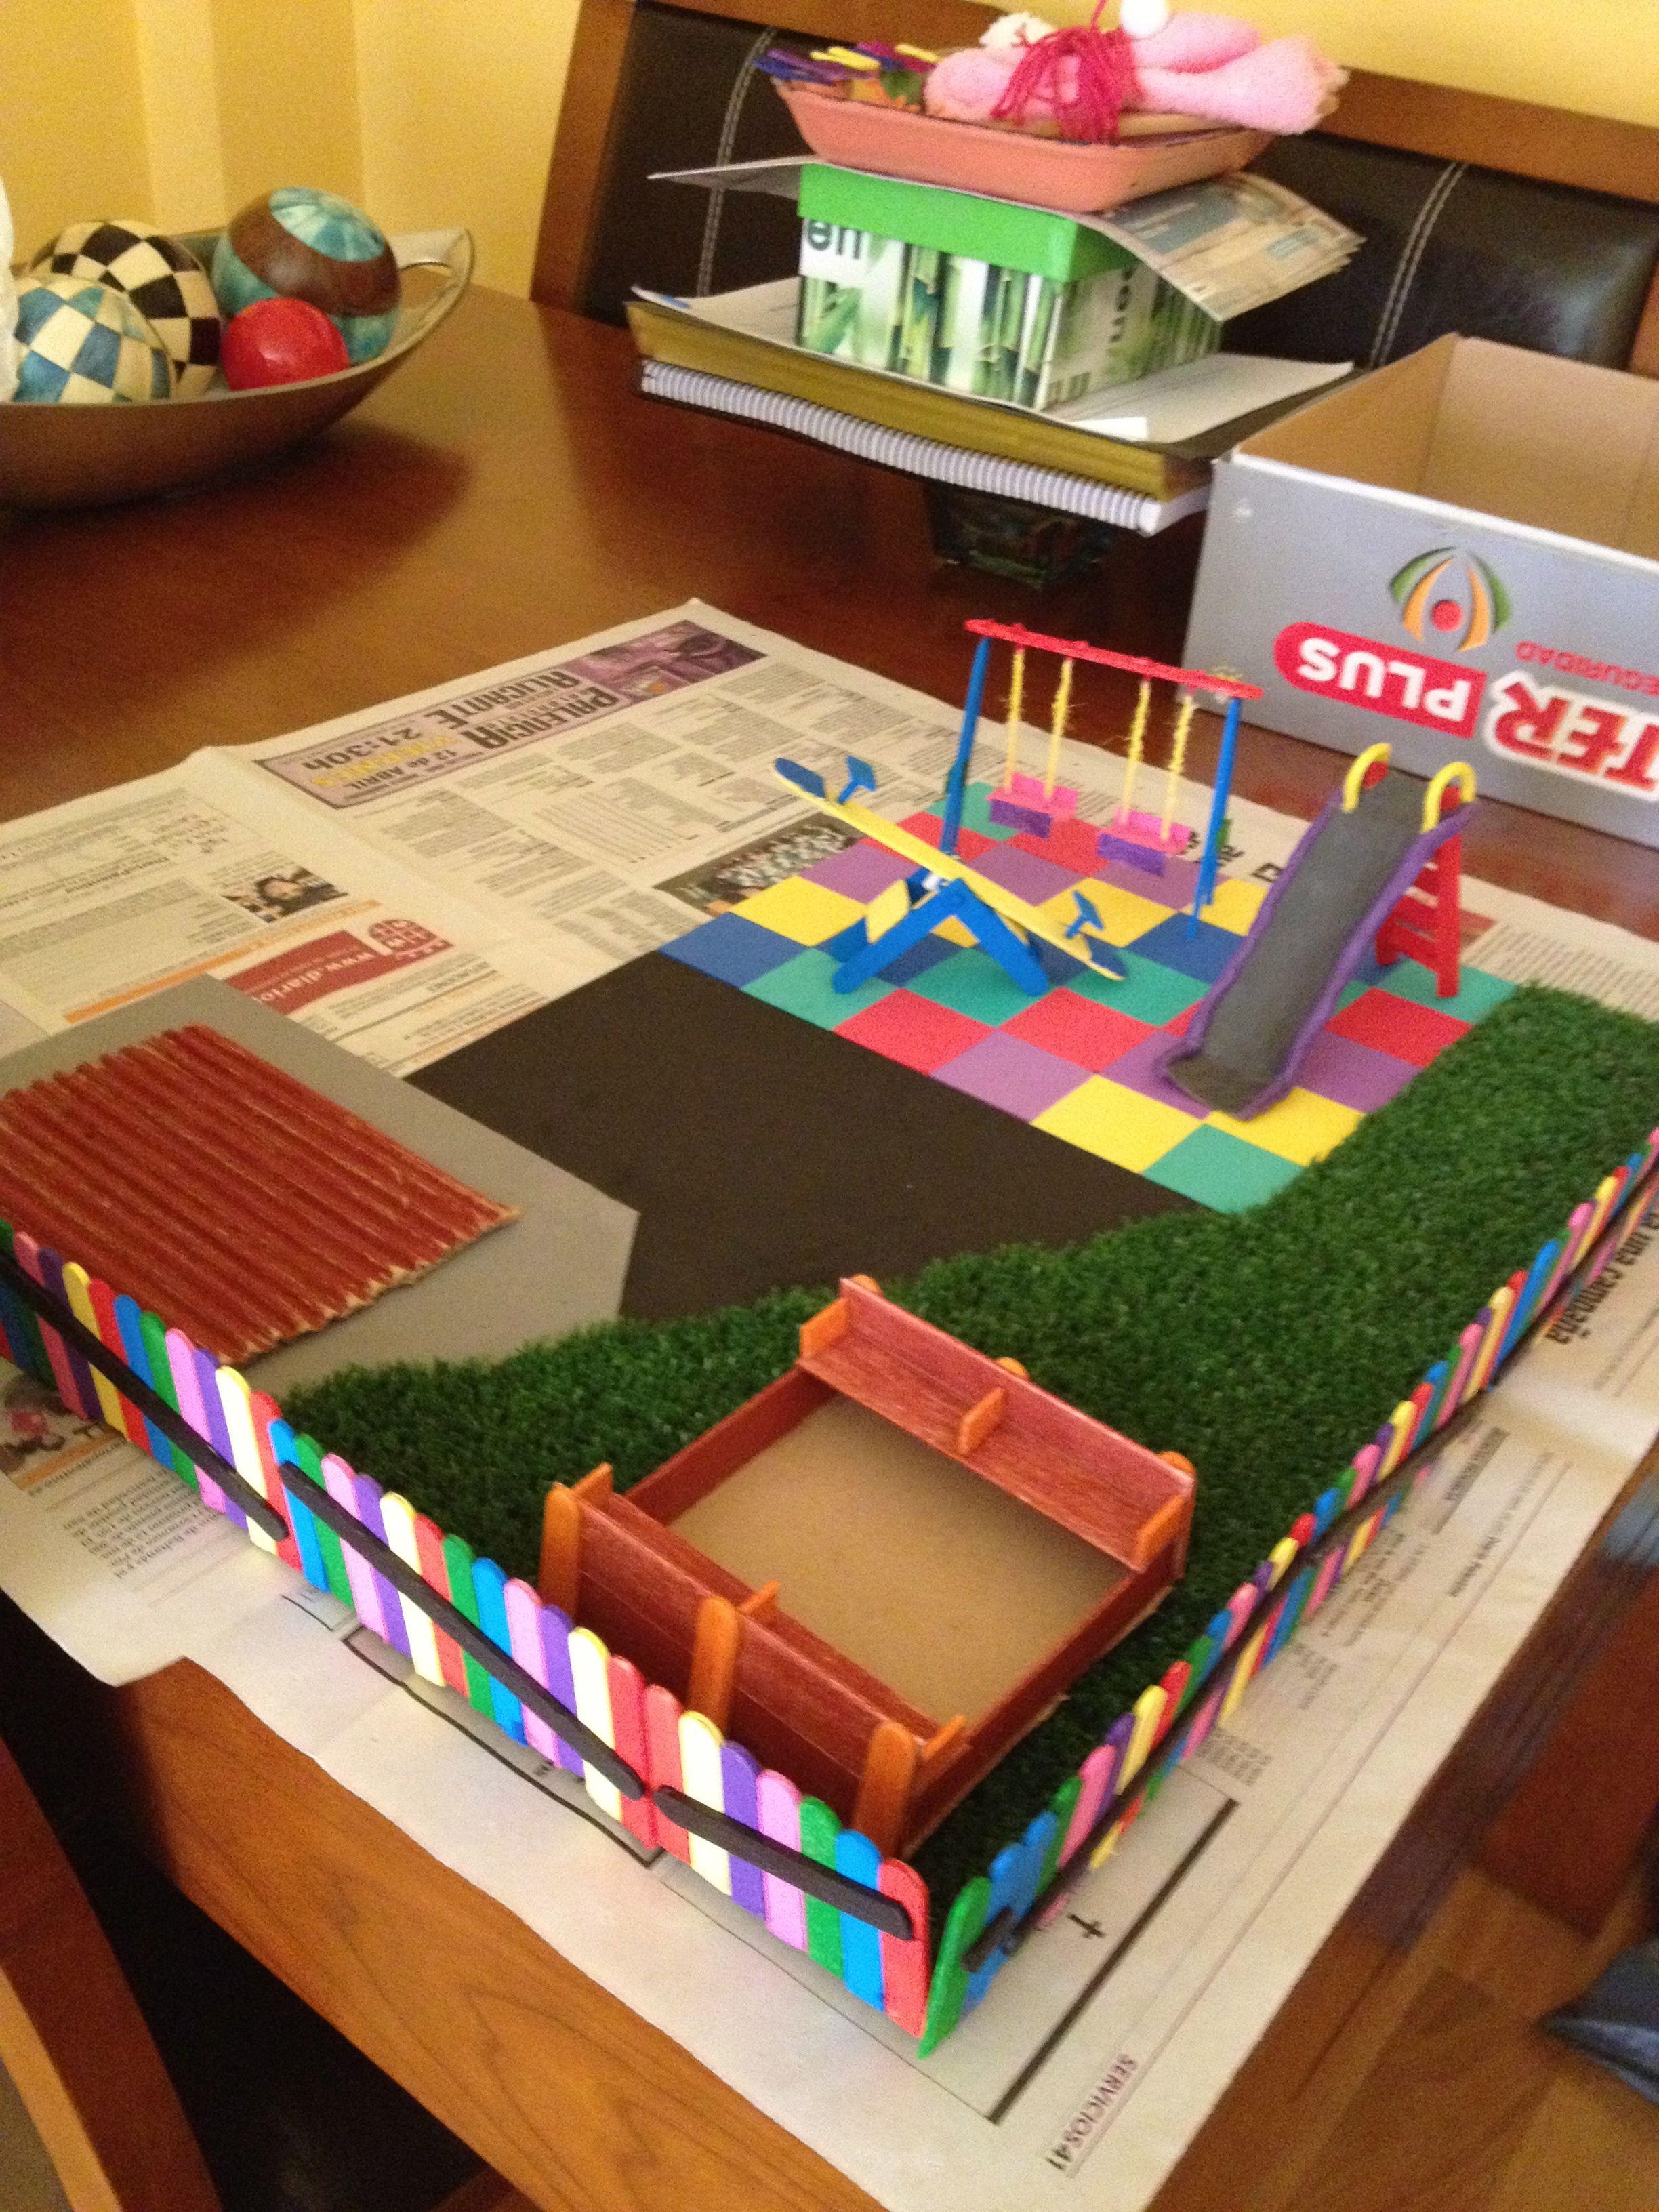 Maqueta de un parque infantil maquetas pinterest for Caja de colores jardin infantil